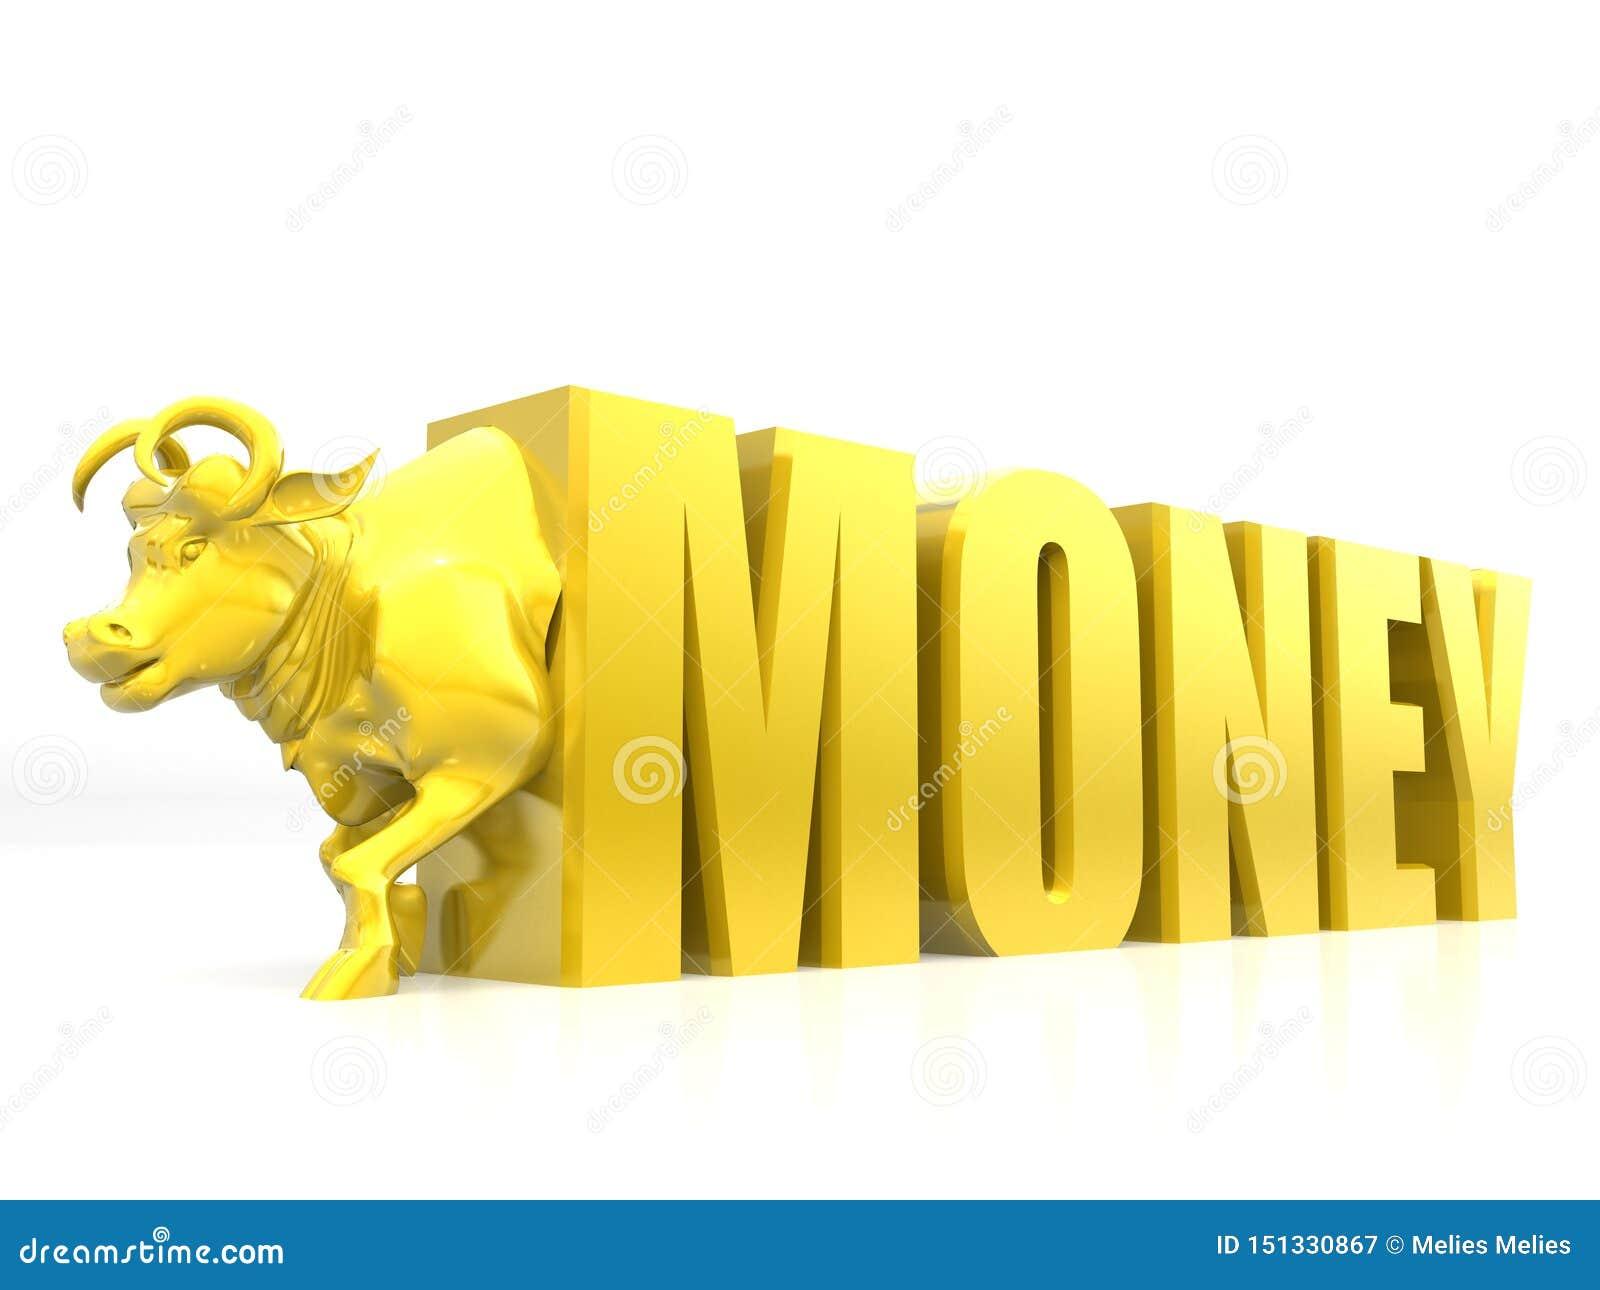 Geld mit Stier, goldene Farbe, Wiedergabe des GeschäftserfolgKonzeptes 3D lokalisiert auf weißem Hintergrund